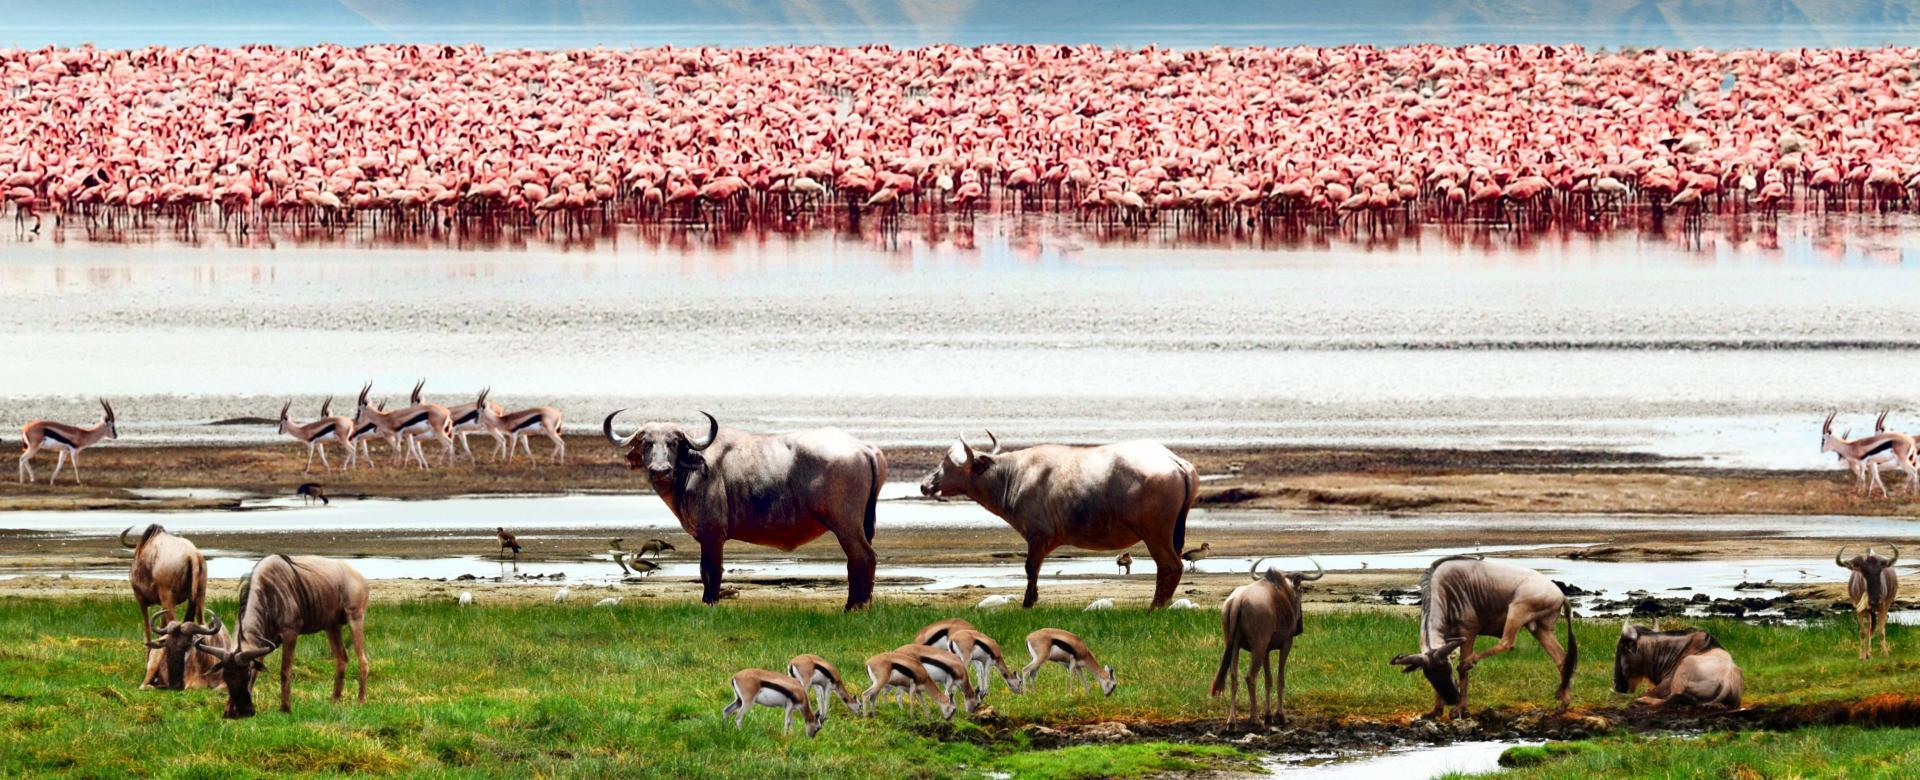 Voyage à pied : Faune de la savane et lagons de zanzibar